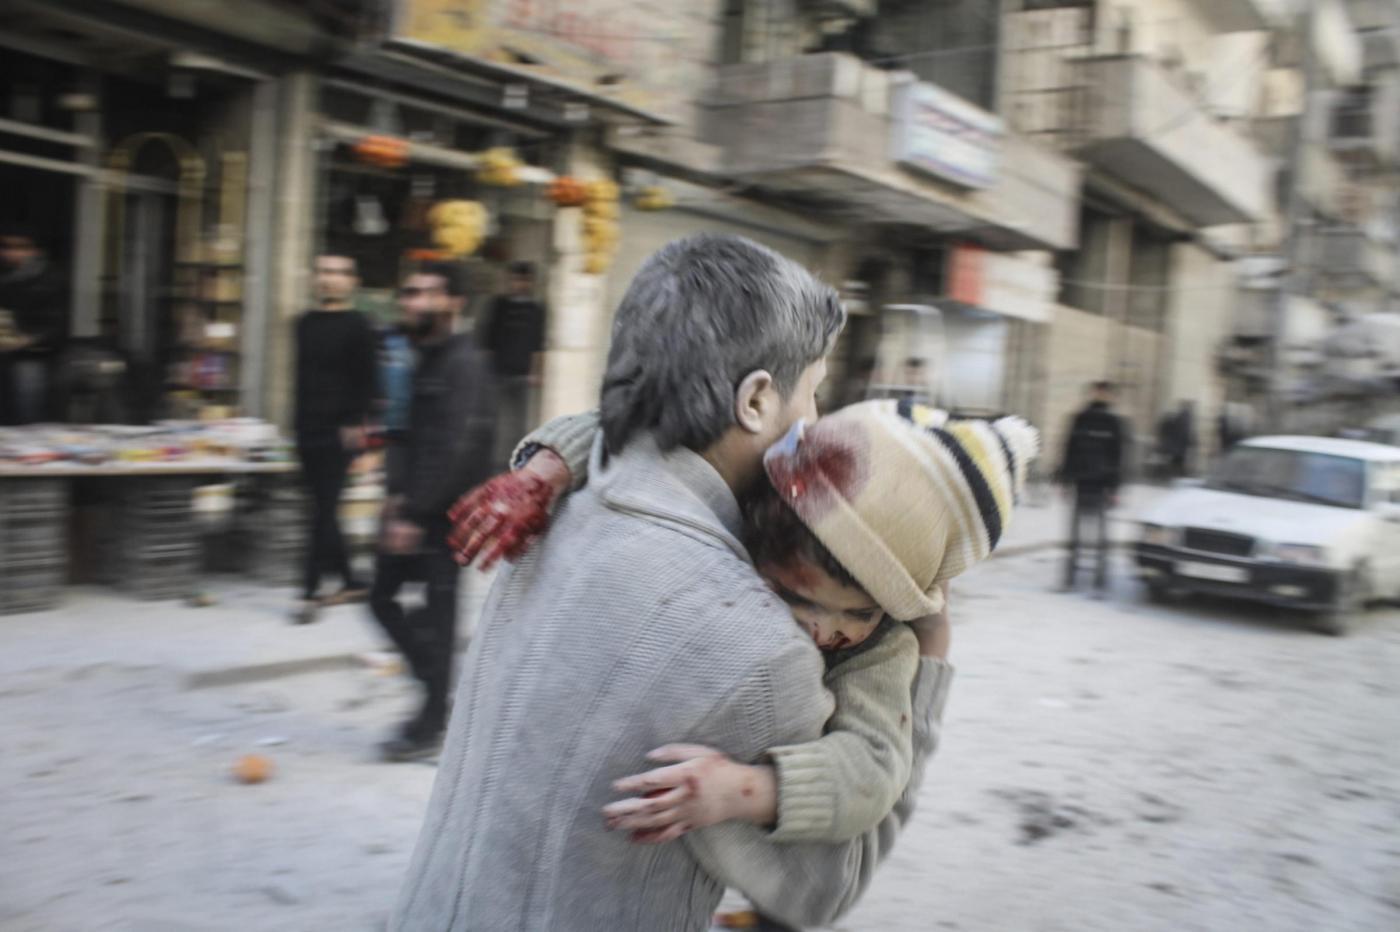 Le piu' belle foto del 2014 dell'agenzia Anadolu